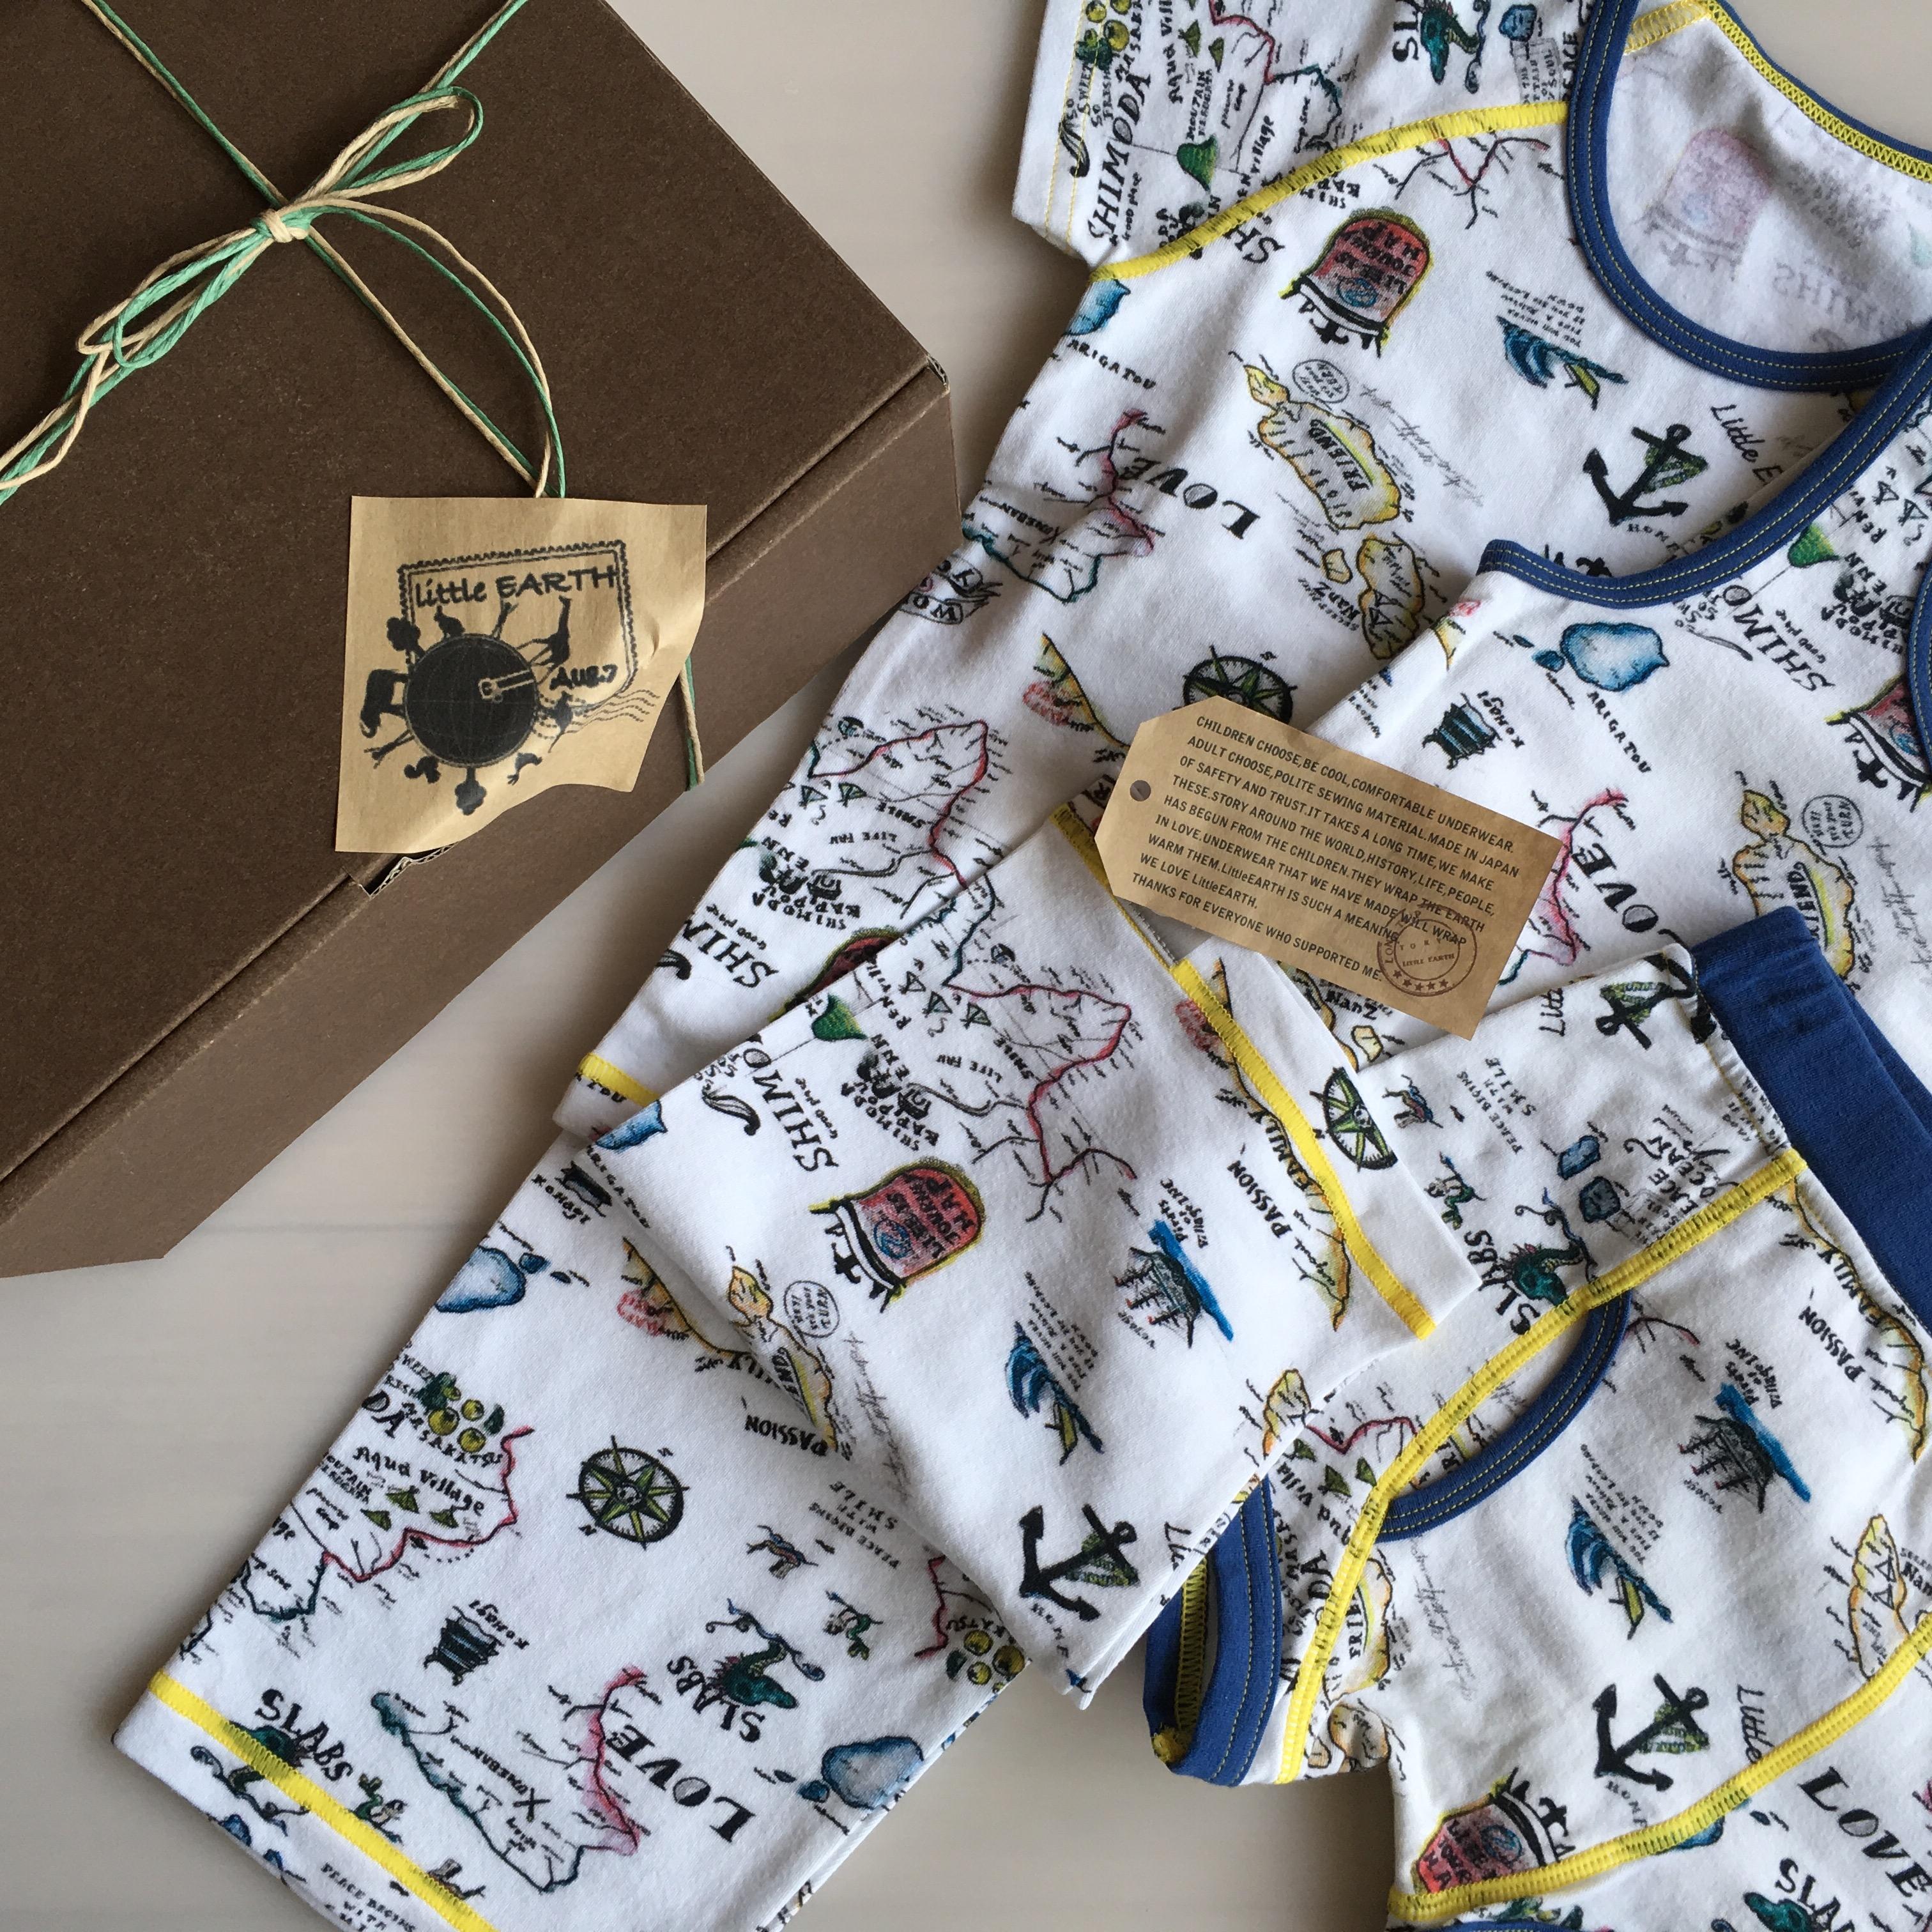 静岡県伊豆下田の若者たちの町おこしから生まれたデザインとのコラボ商品。